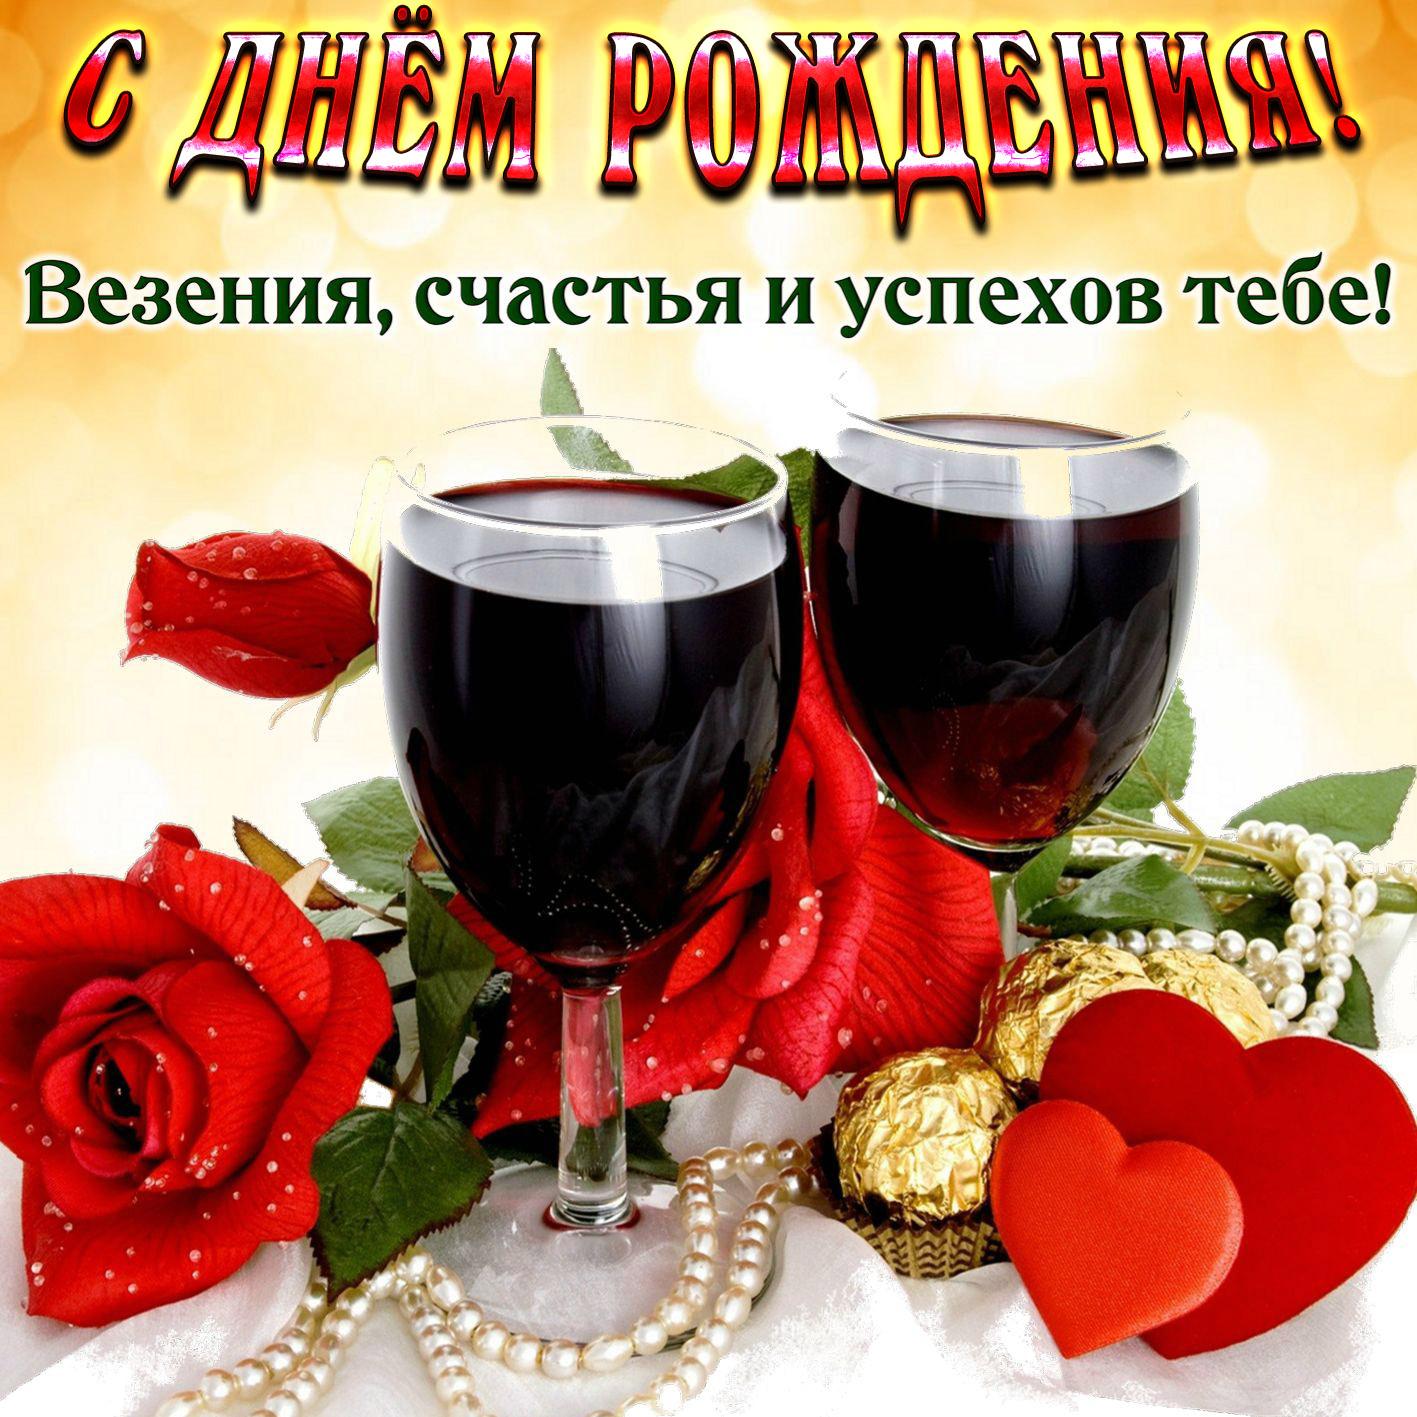 Женщине. Бокалы с вином на красивом фоне. С Днём рождения! Везения, счастья и успехов тебе!